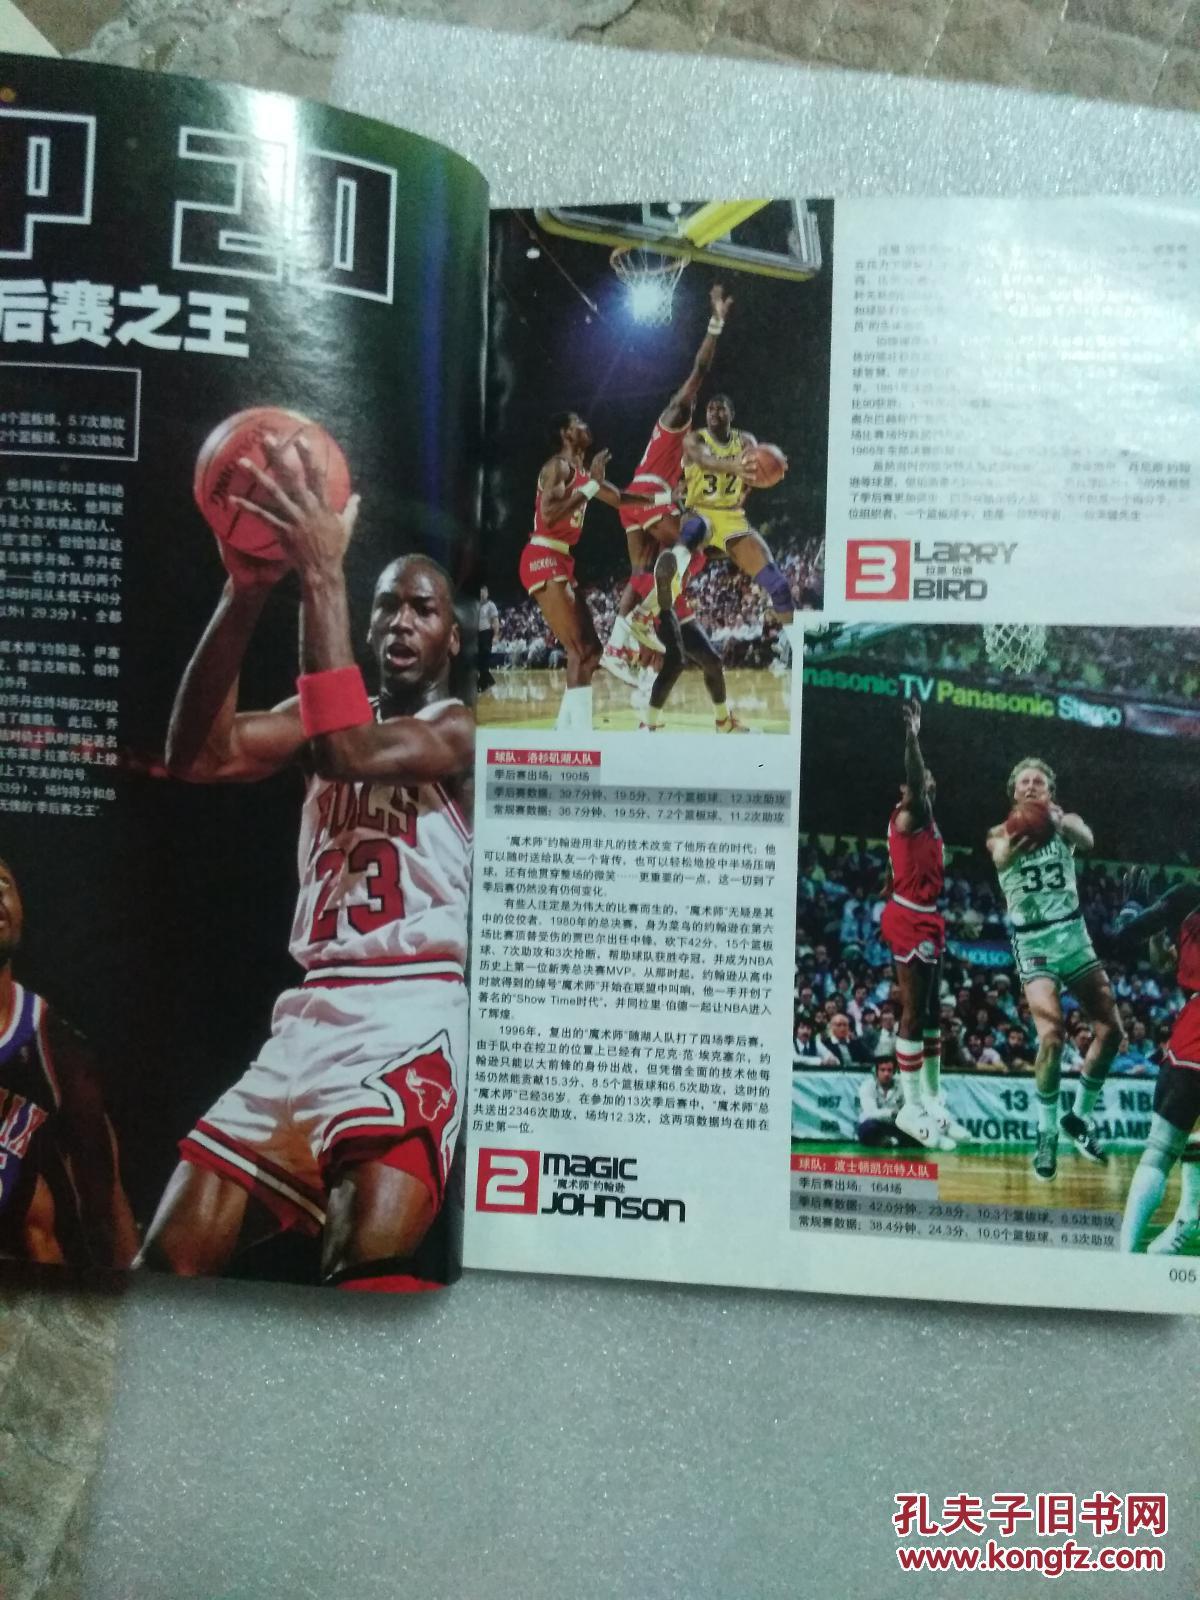 【图】当代体育 扣篮 季后赛之王_当代体育杂志社